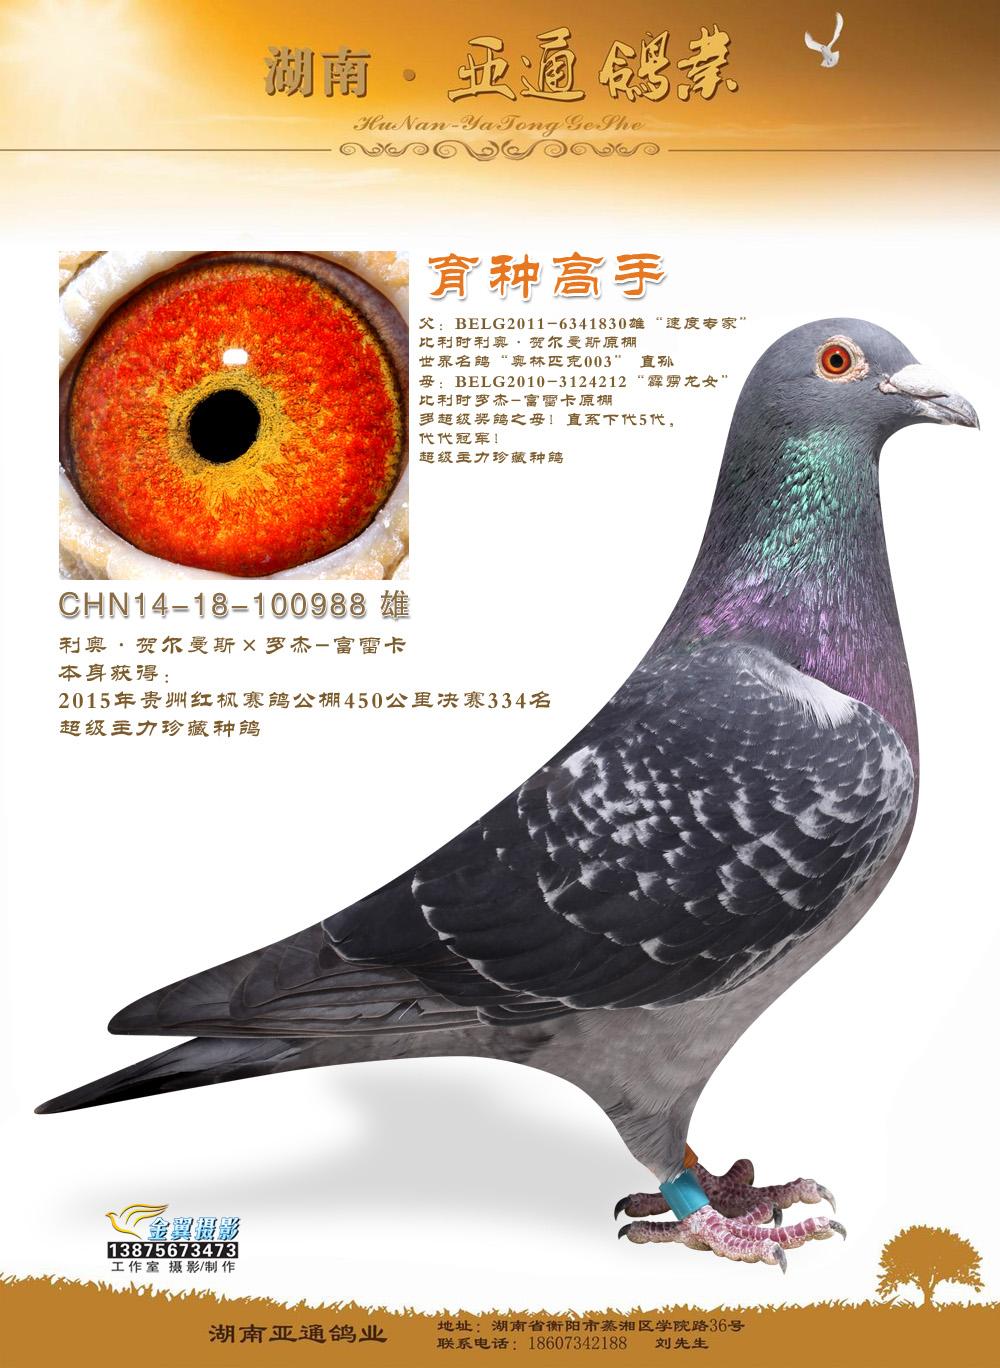 2015年贵州红枫赛鸽公棚决赛334名